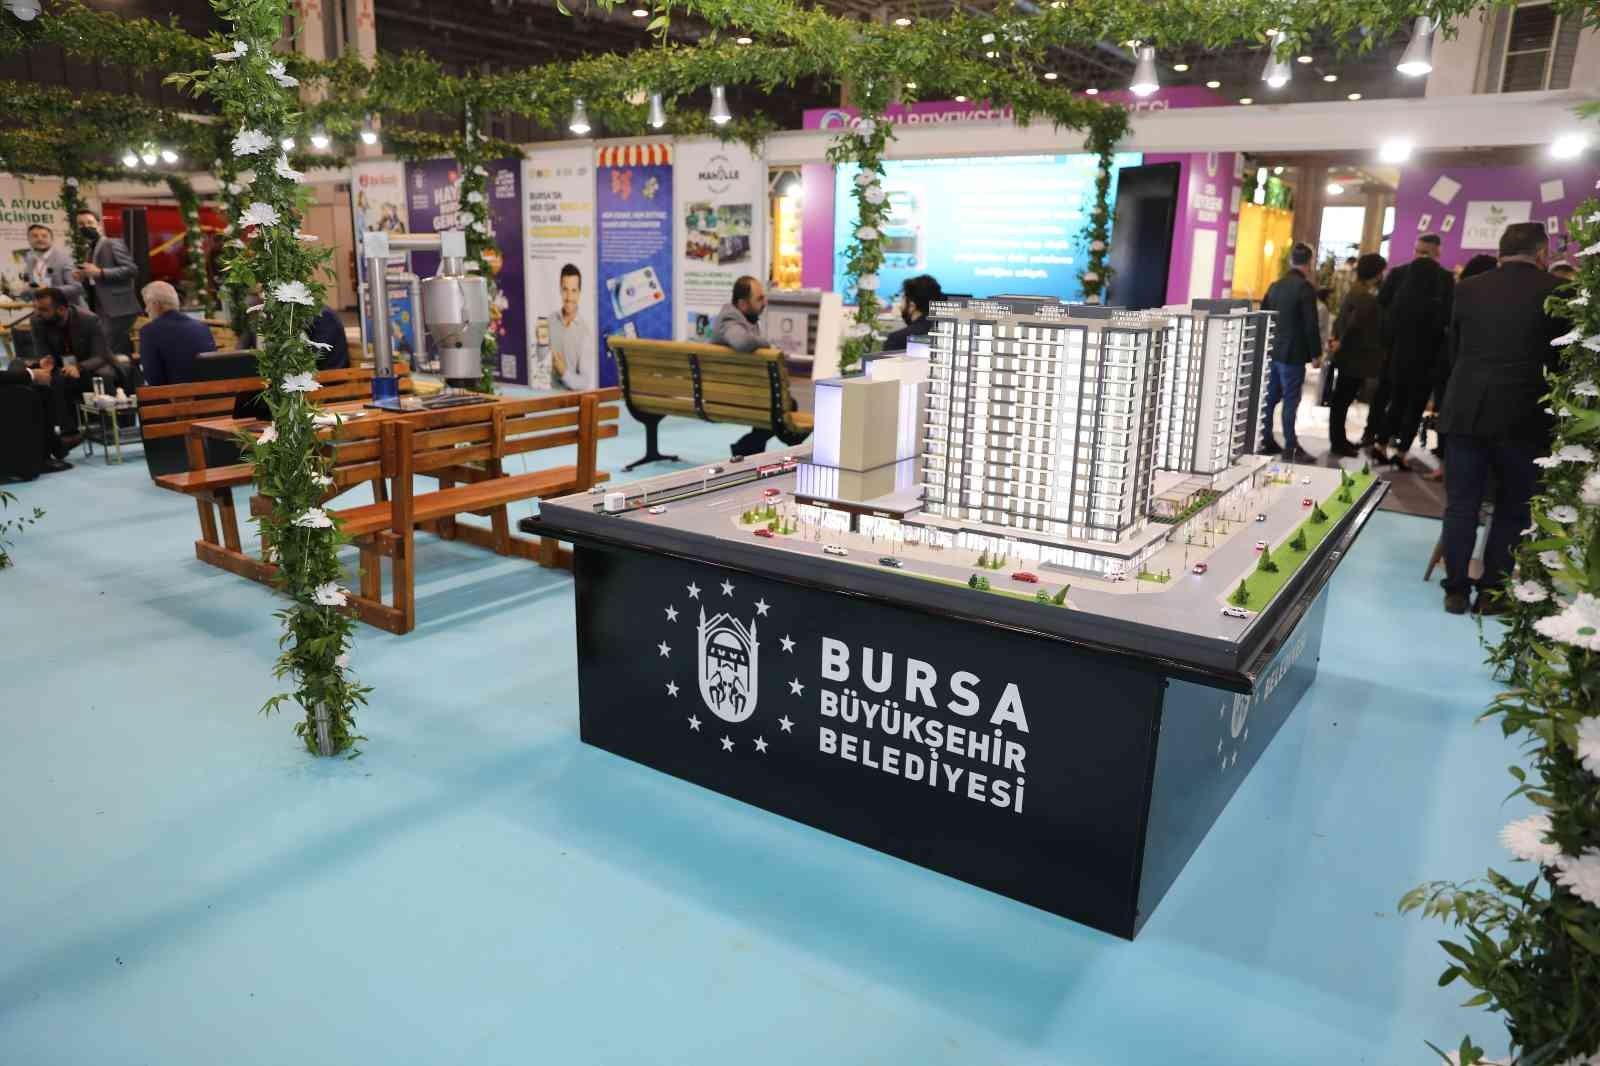 Bursa'nın akıllı yatırımları Gaziantep'te vitrine çıktı